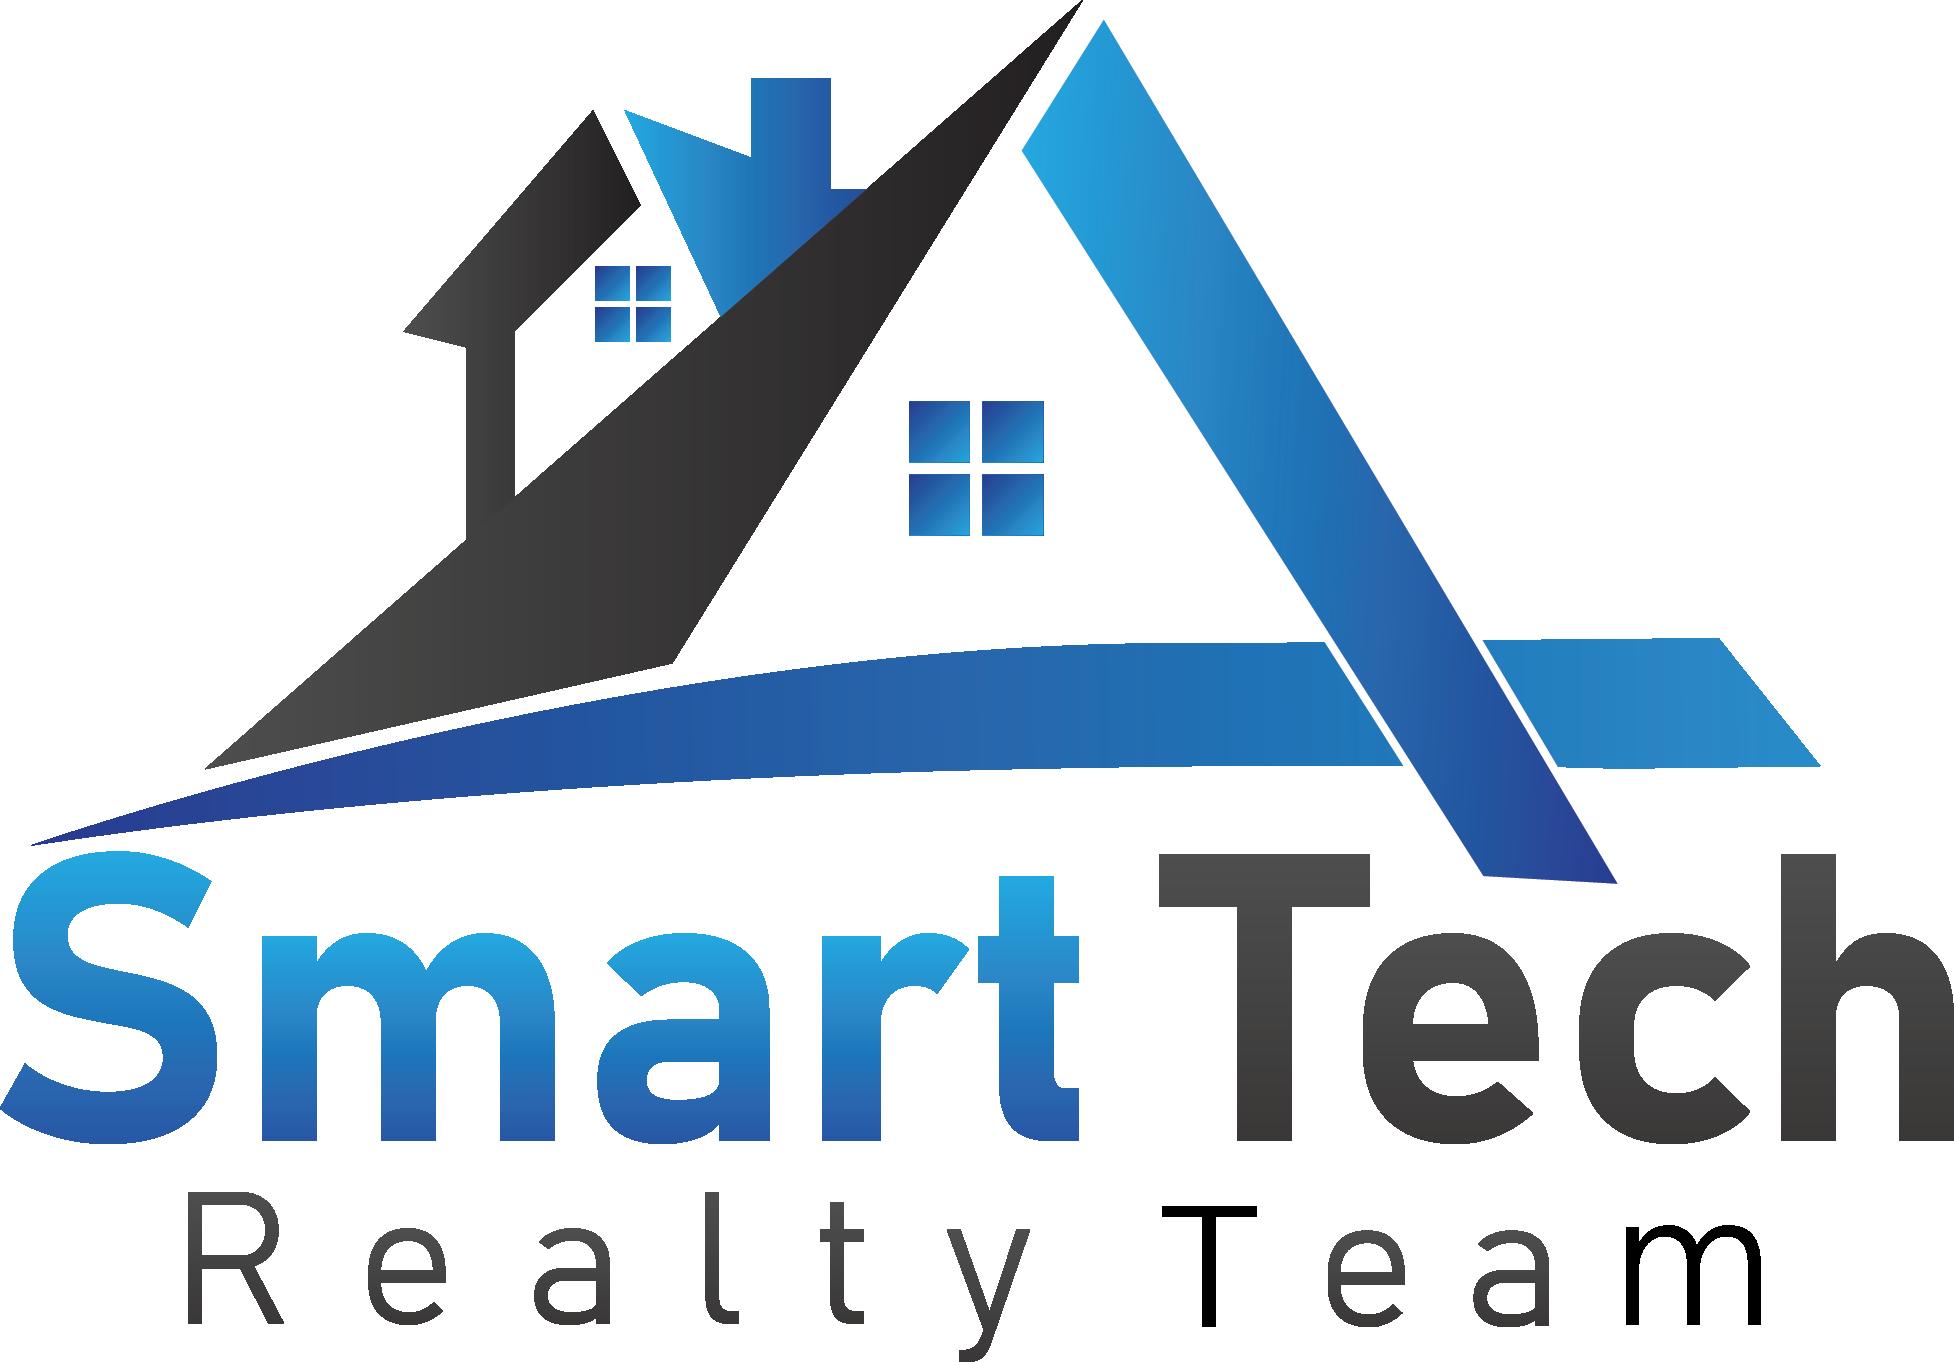 haymarket smart tech realty team. Black Bedroom Furniture Sets. Home Design Ideas